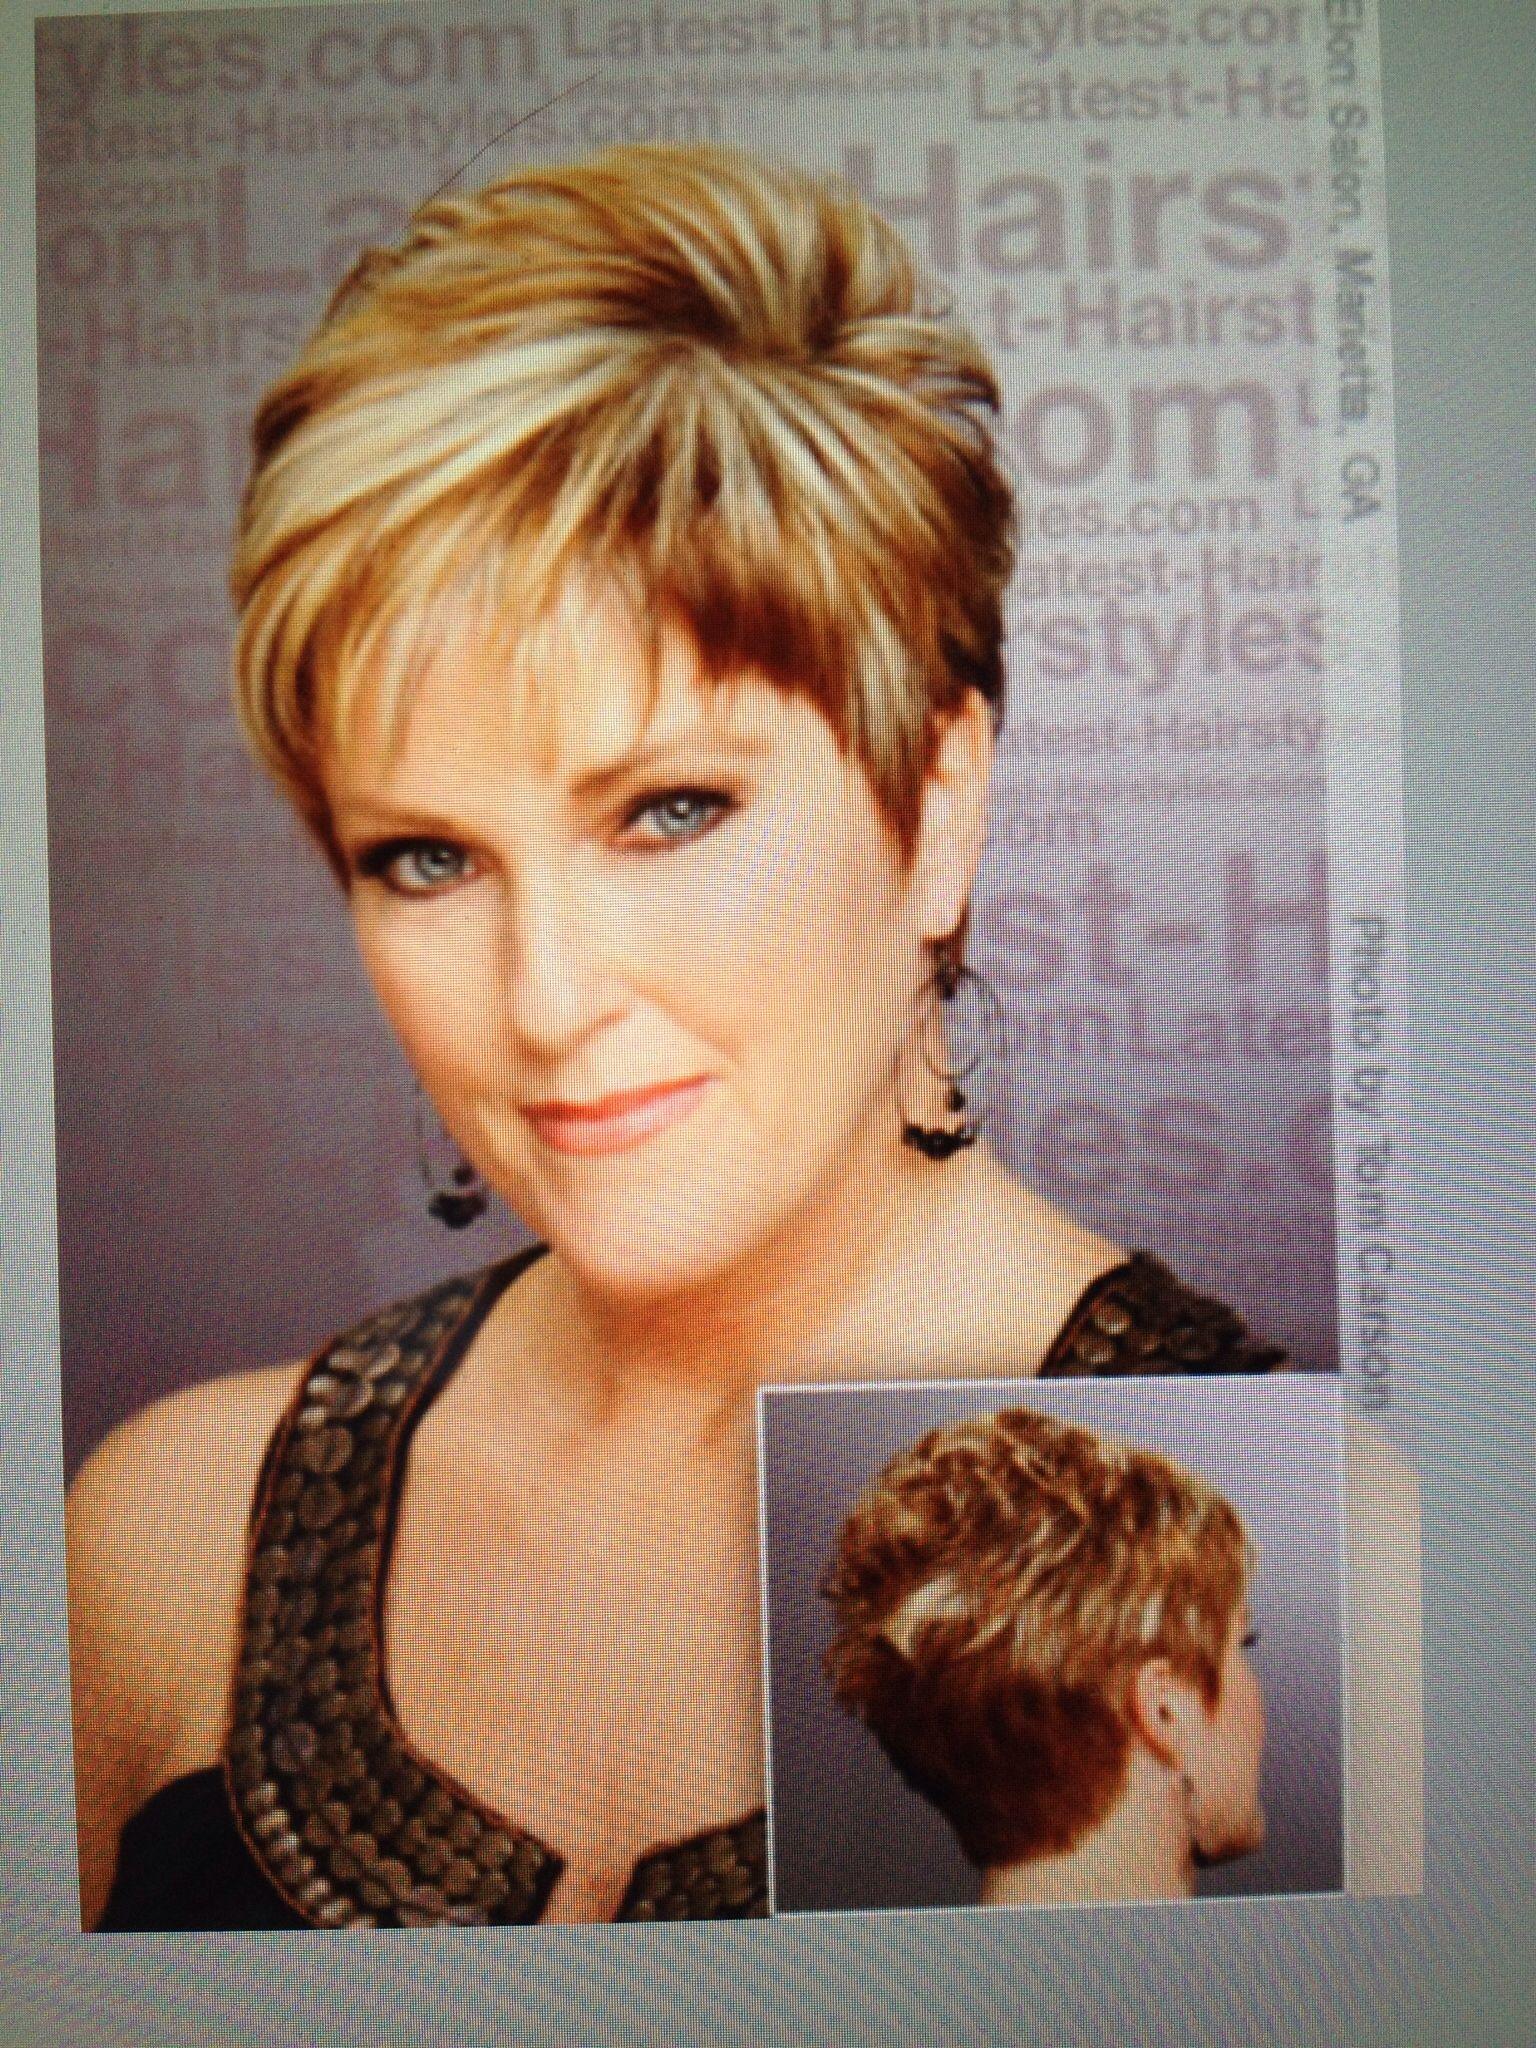 Image Result For Short Hair Styles For Women Over 50 Short